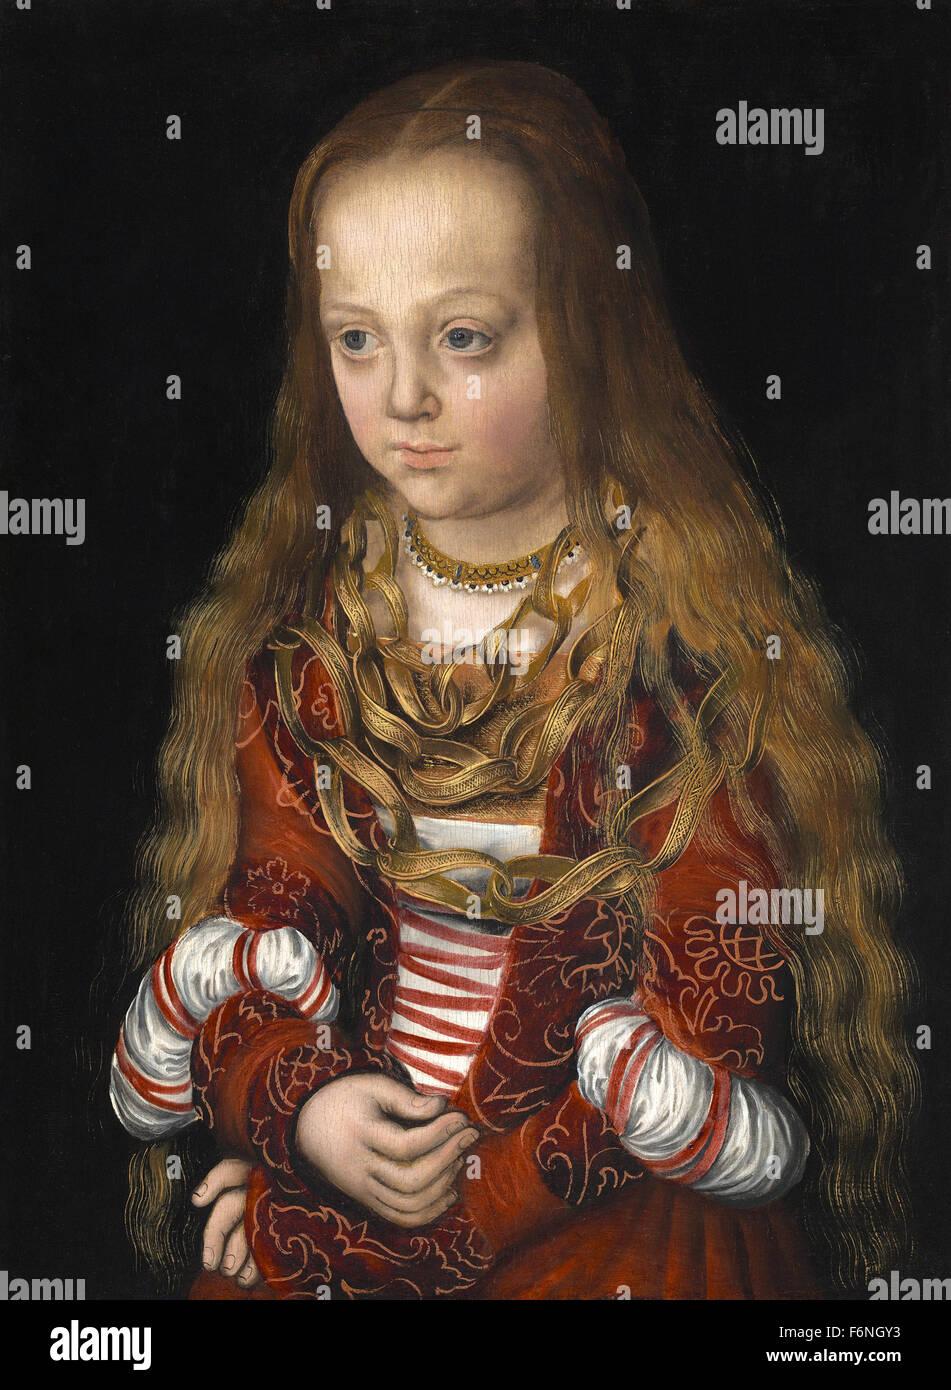 Lucas Cranach der ältere - eine Prinzessin von Sachsen Stockbild